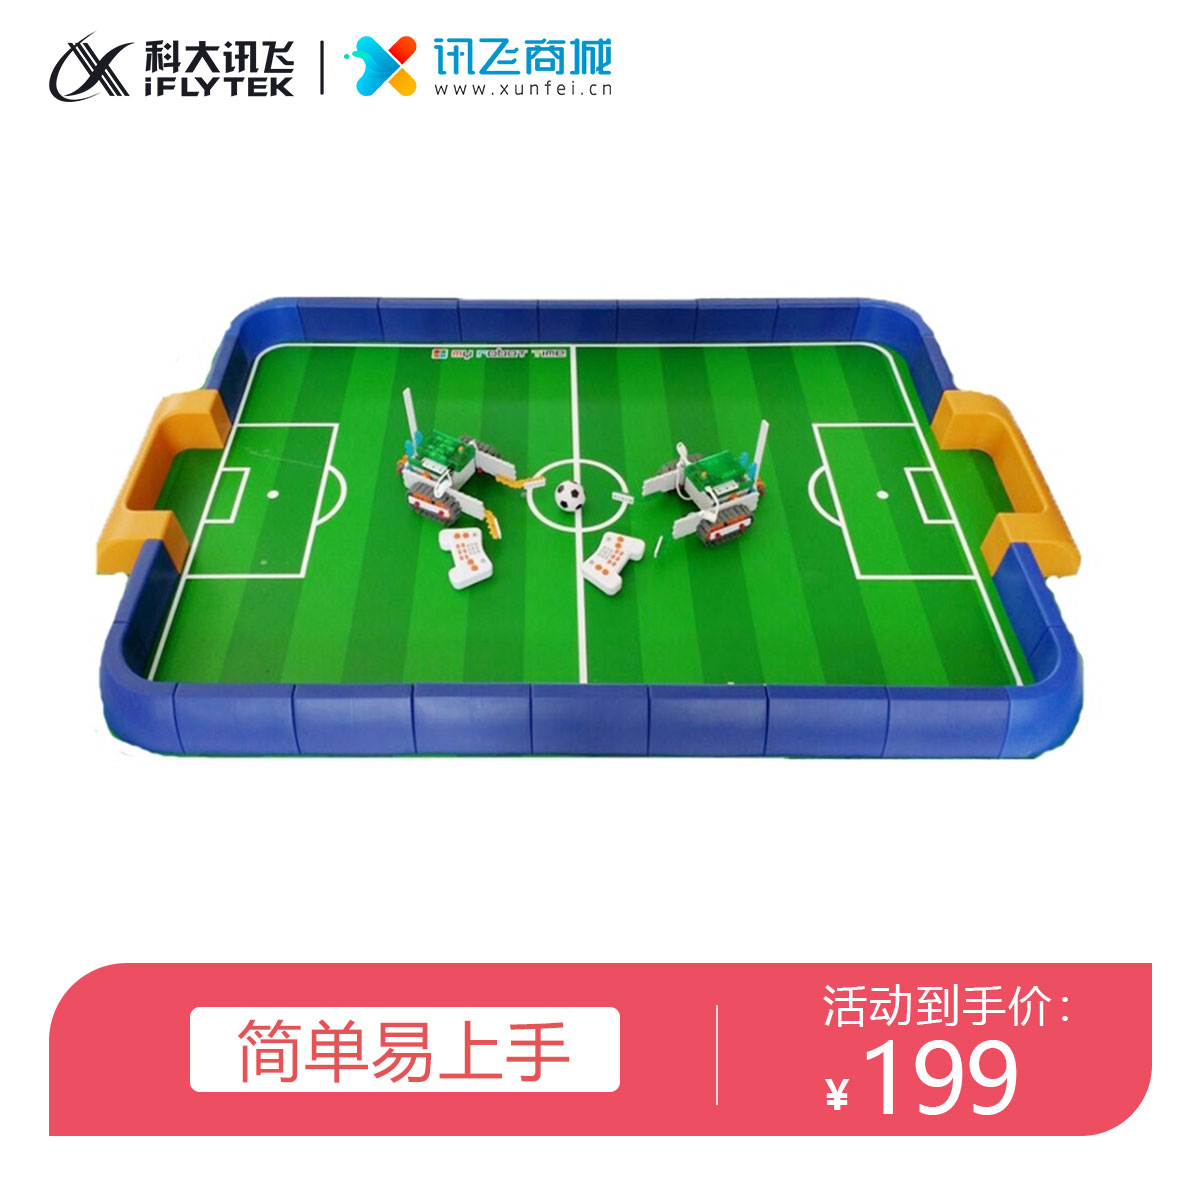 韩端·遥控积木足球机器人【A....